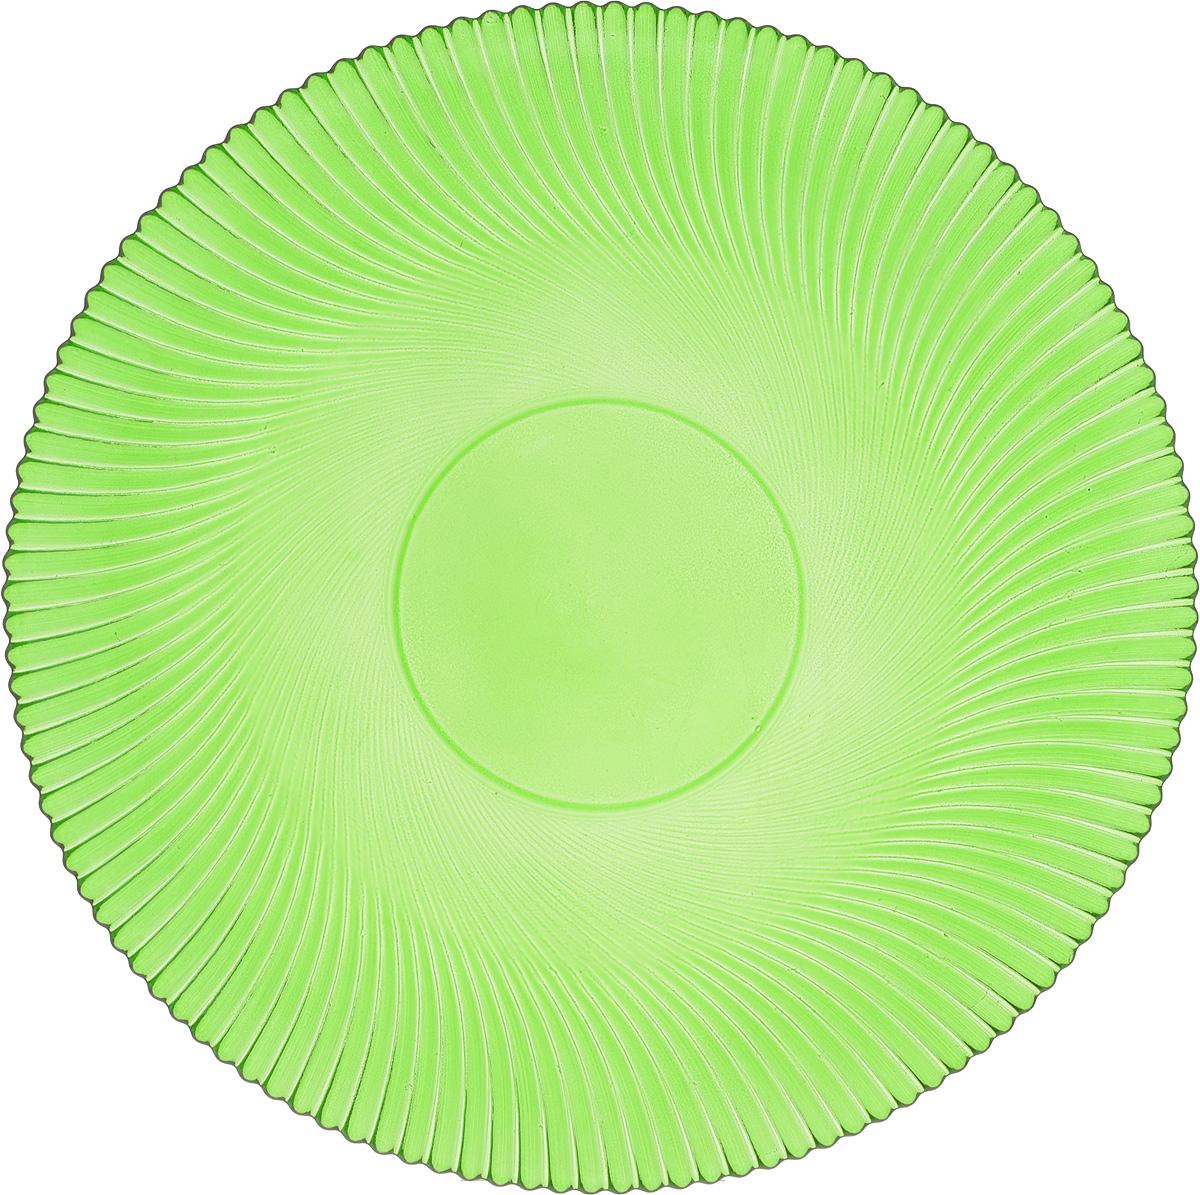 Тарелка NiNaGlass Альтера, цвет: зеленый, диаметр 26 см83-067-ф260 ЗЕЛТарелка NiNaGlass Альтера выполнена из высококачественного стекла и оформлена красивым рельефным узором. Тарелка идеальна для подачи вторых блюд, а также сервировки закусок, нарезок, десертов и многого другого. Она отлично подойдет как для повседневных, так и для торжественных случаев. Такая тарелка прекрасно впишется в интерьер вашей кухни и станет достойным дополнением к кухонному инвентарю.